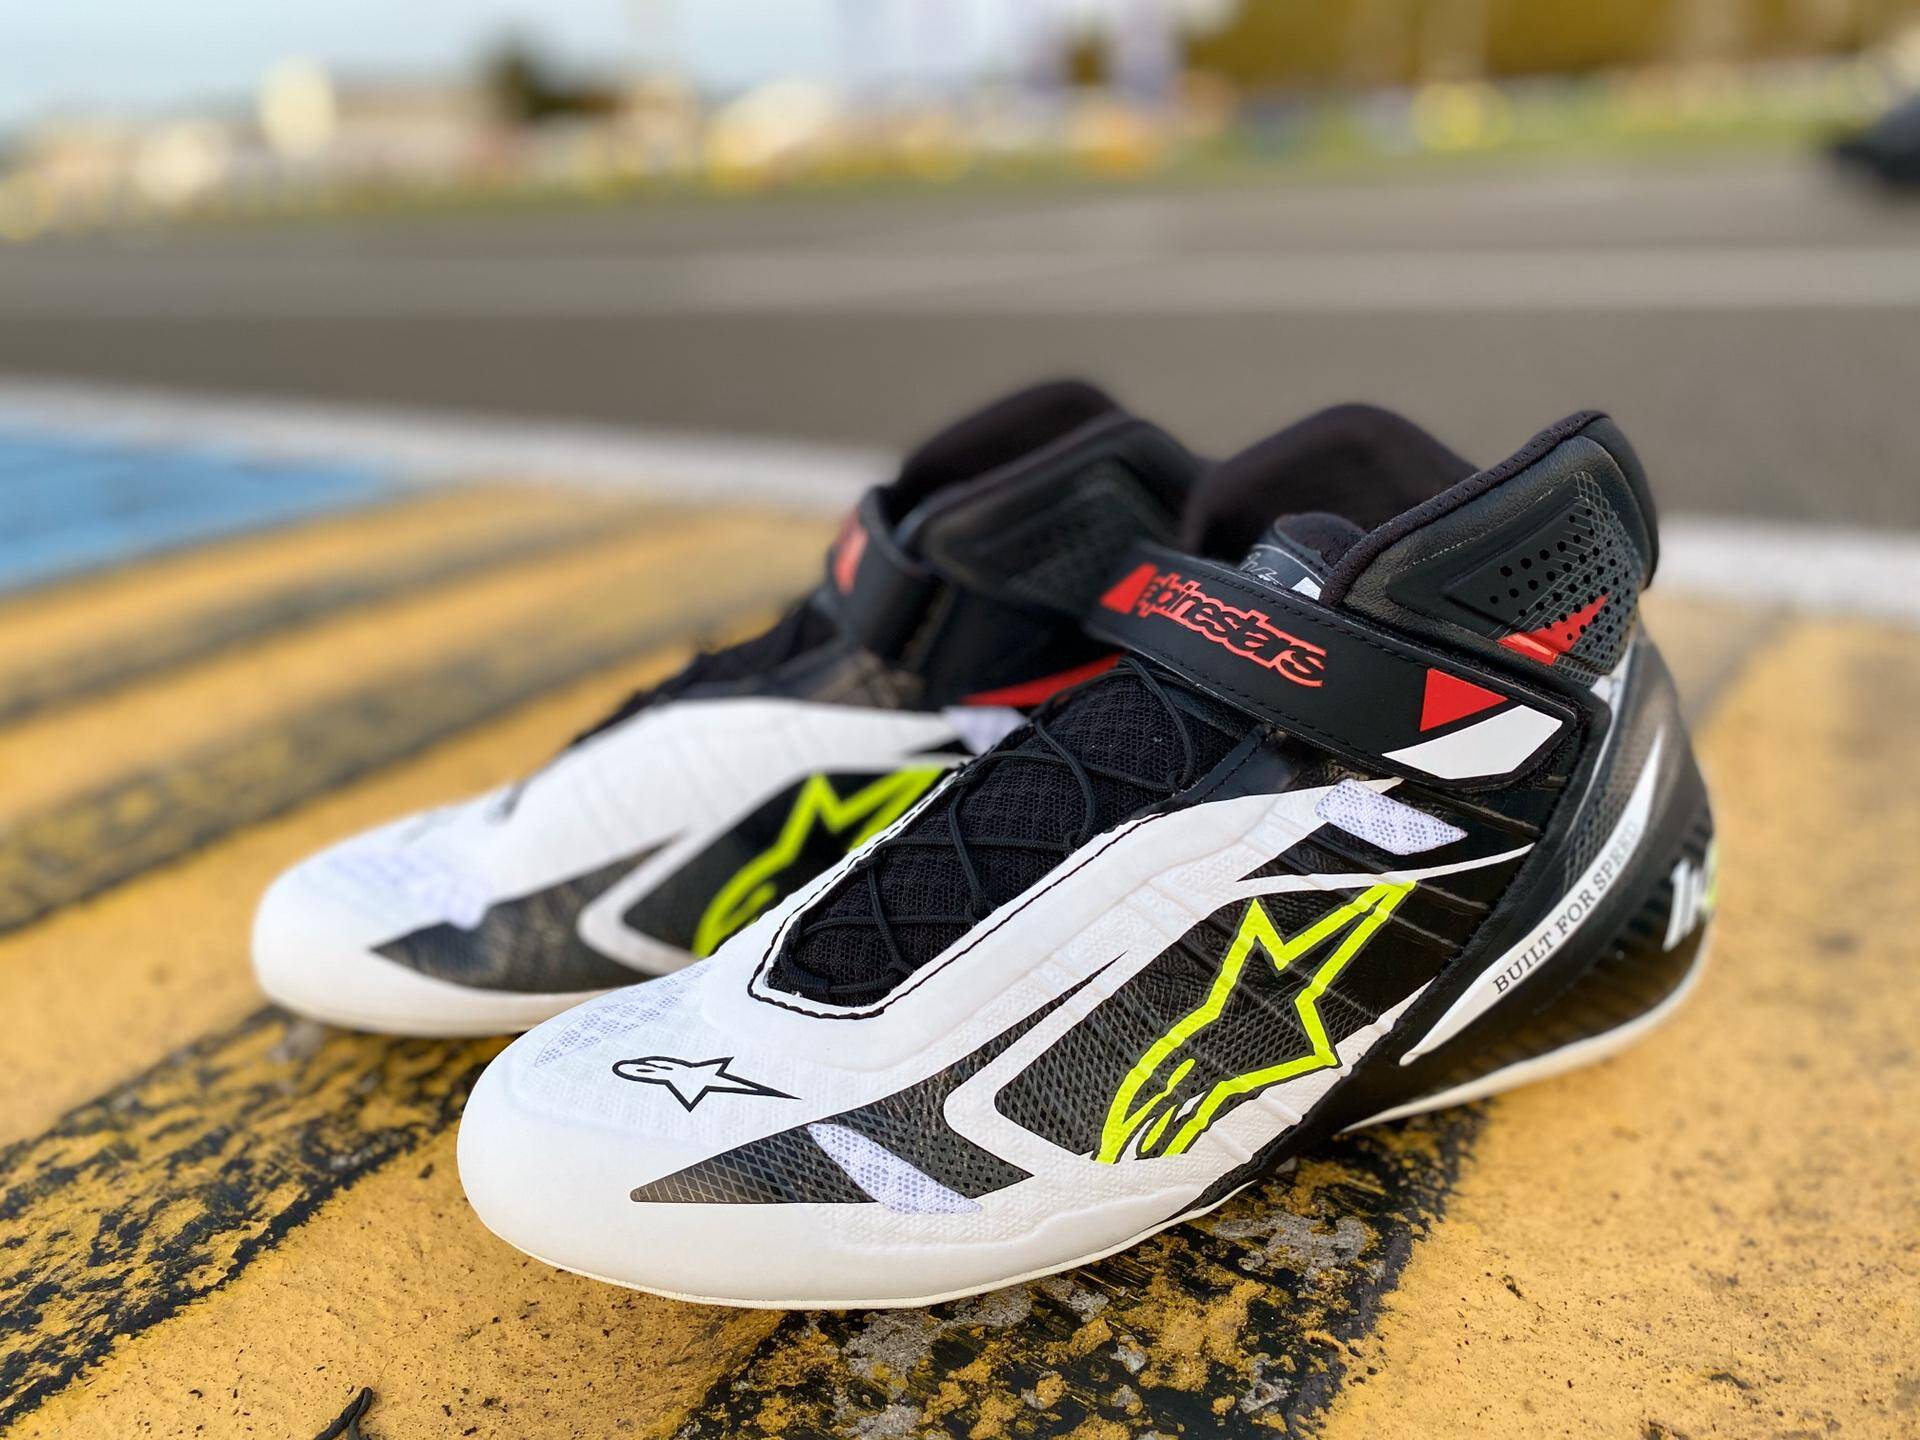 Alpinestars schoenen karting Tech 1 KZ - Limited Edition